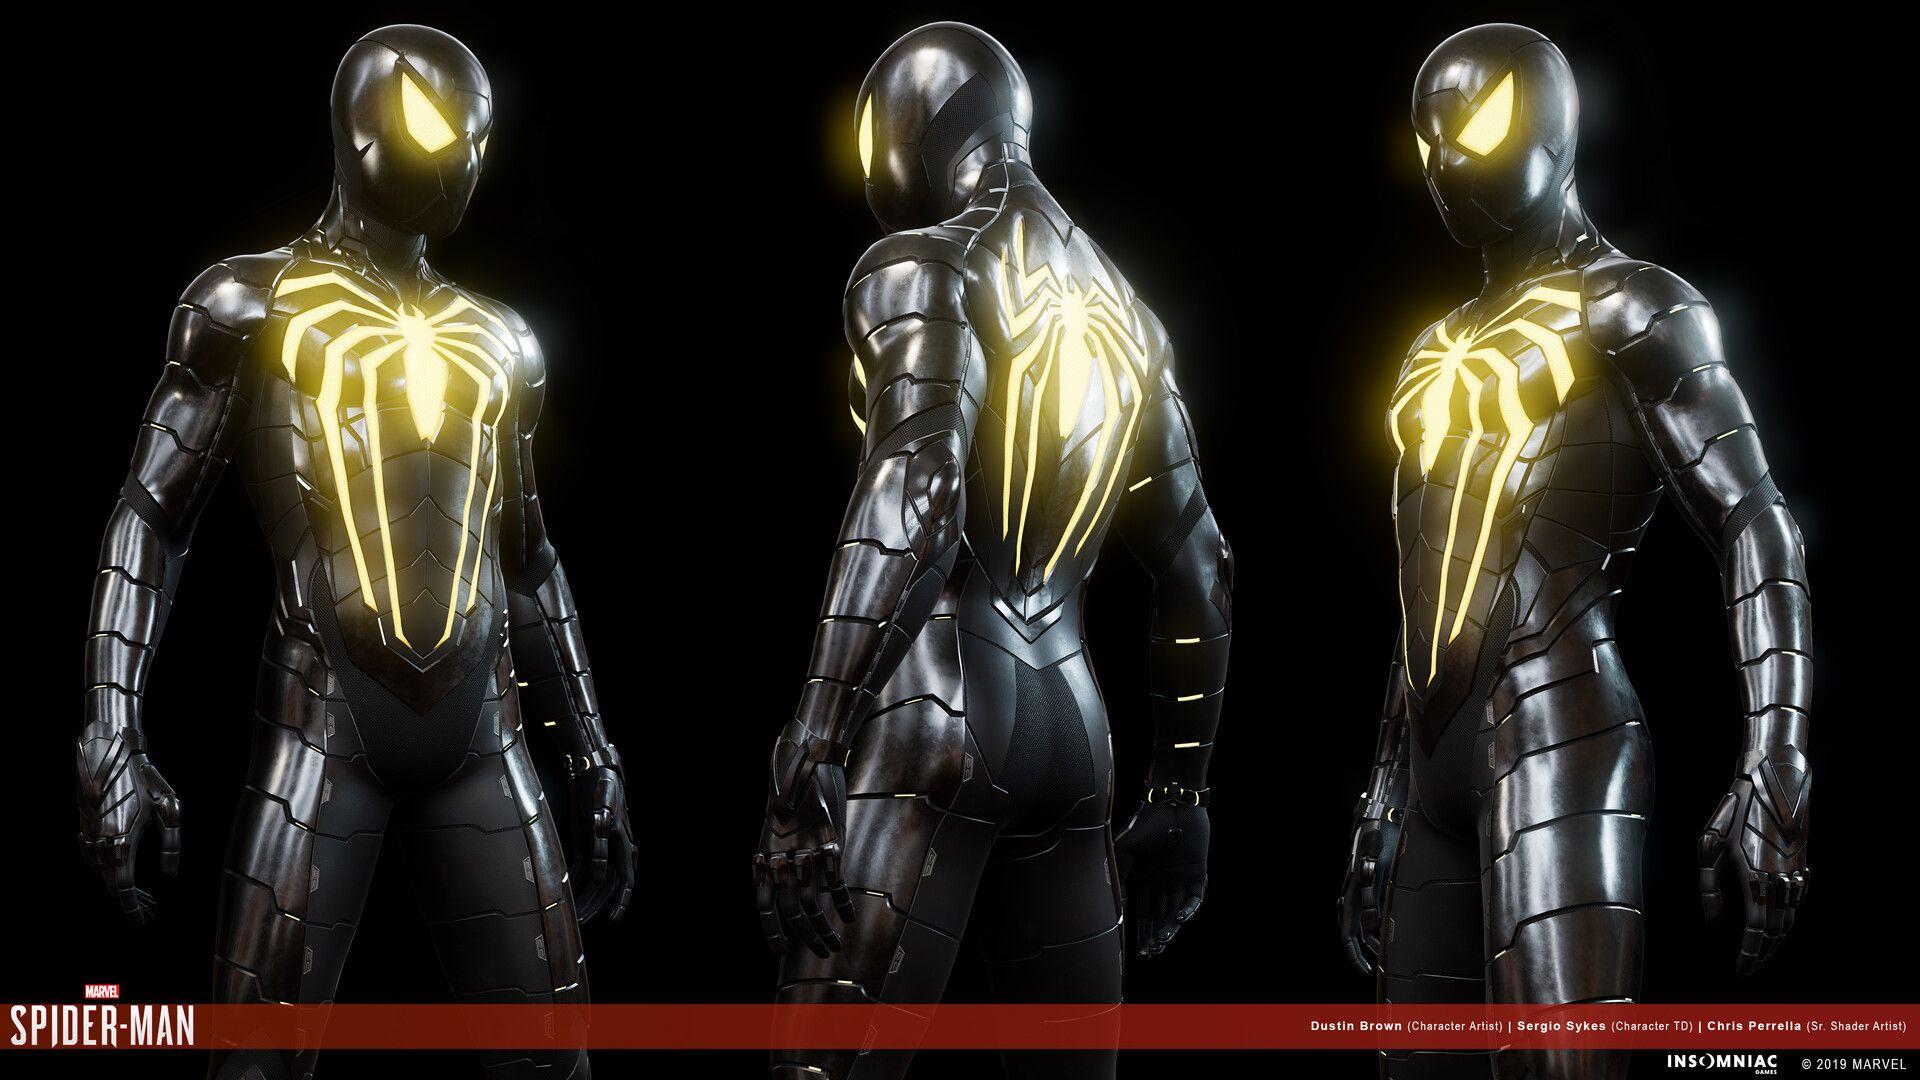 ArtStation - Anti-Ock Suit, Dustin Brown | Spiderman art, Iron man art, Superhero